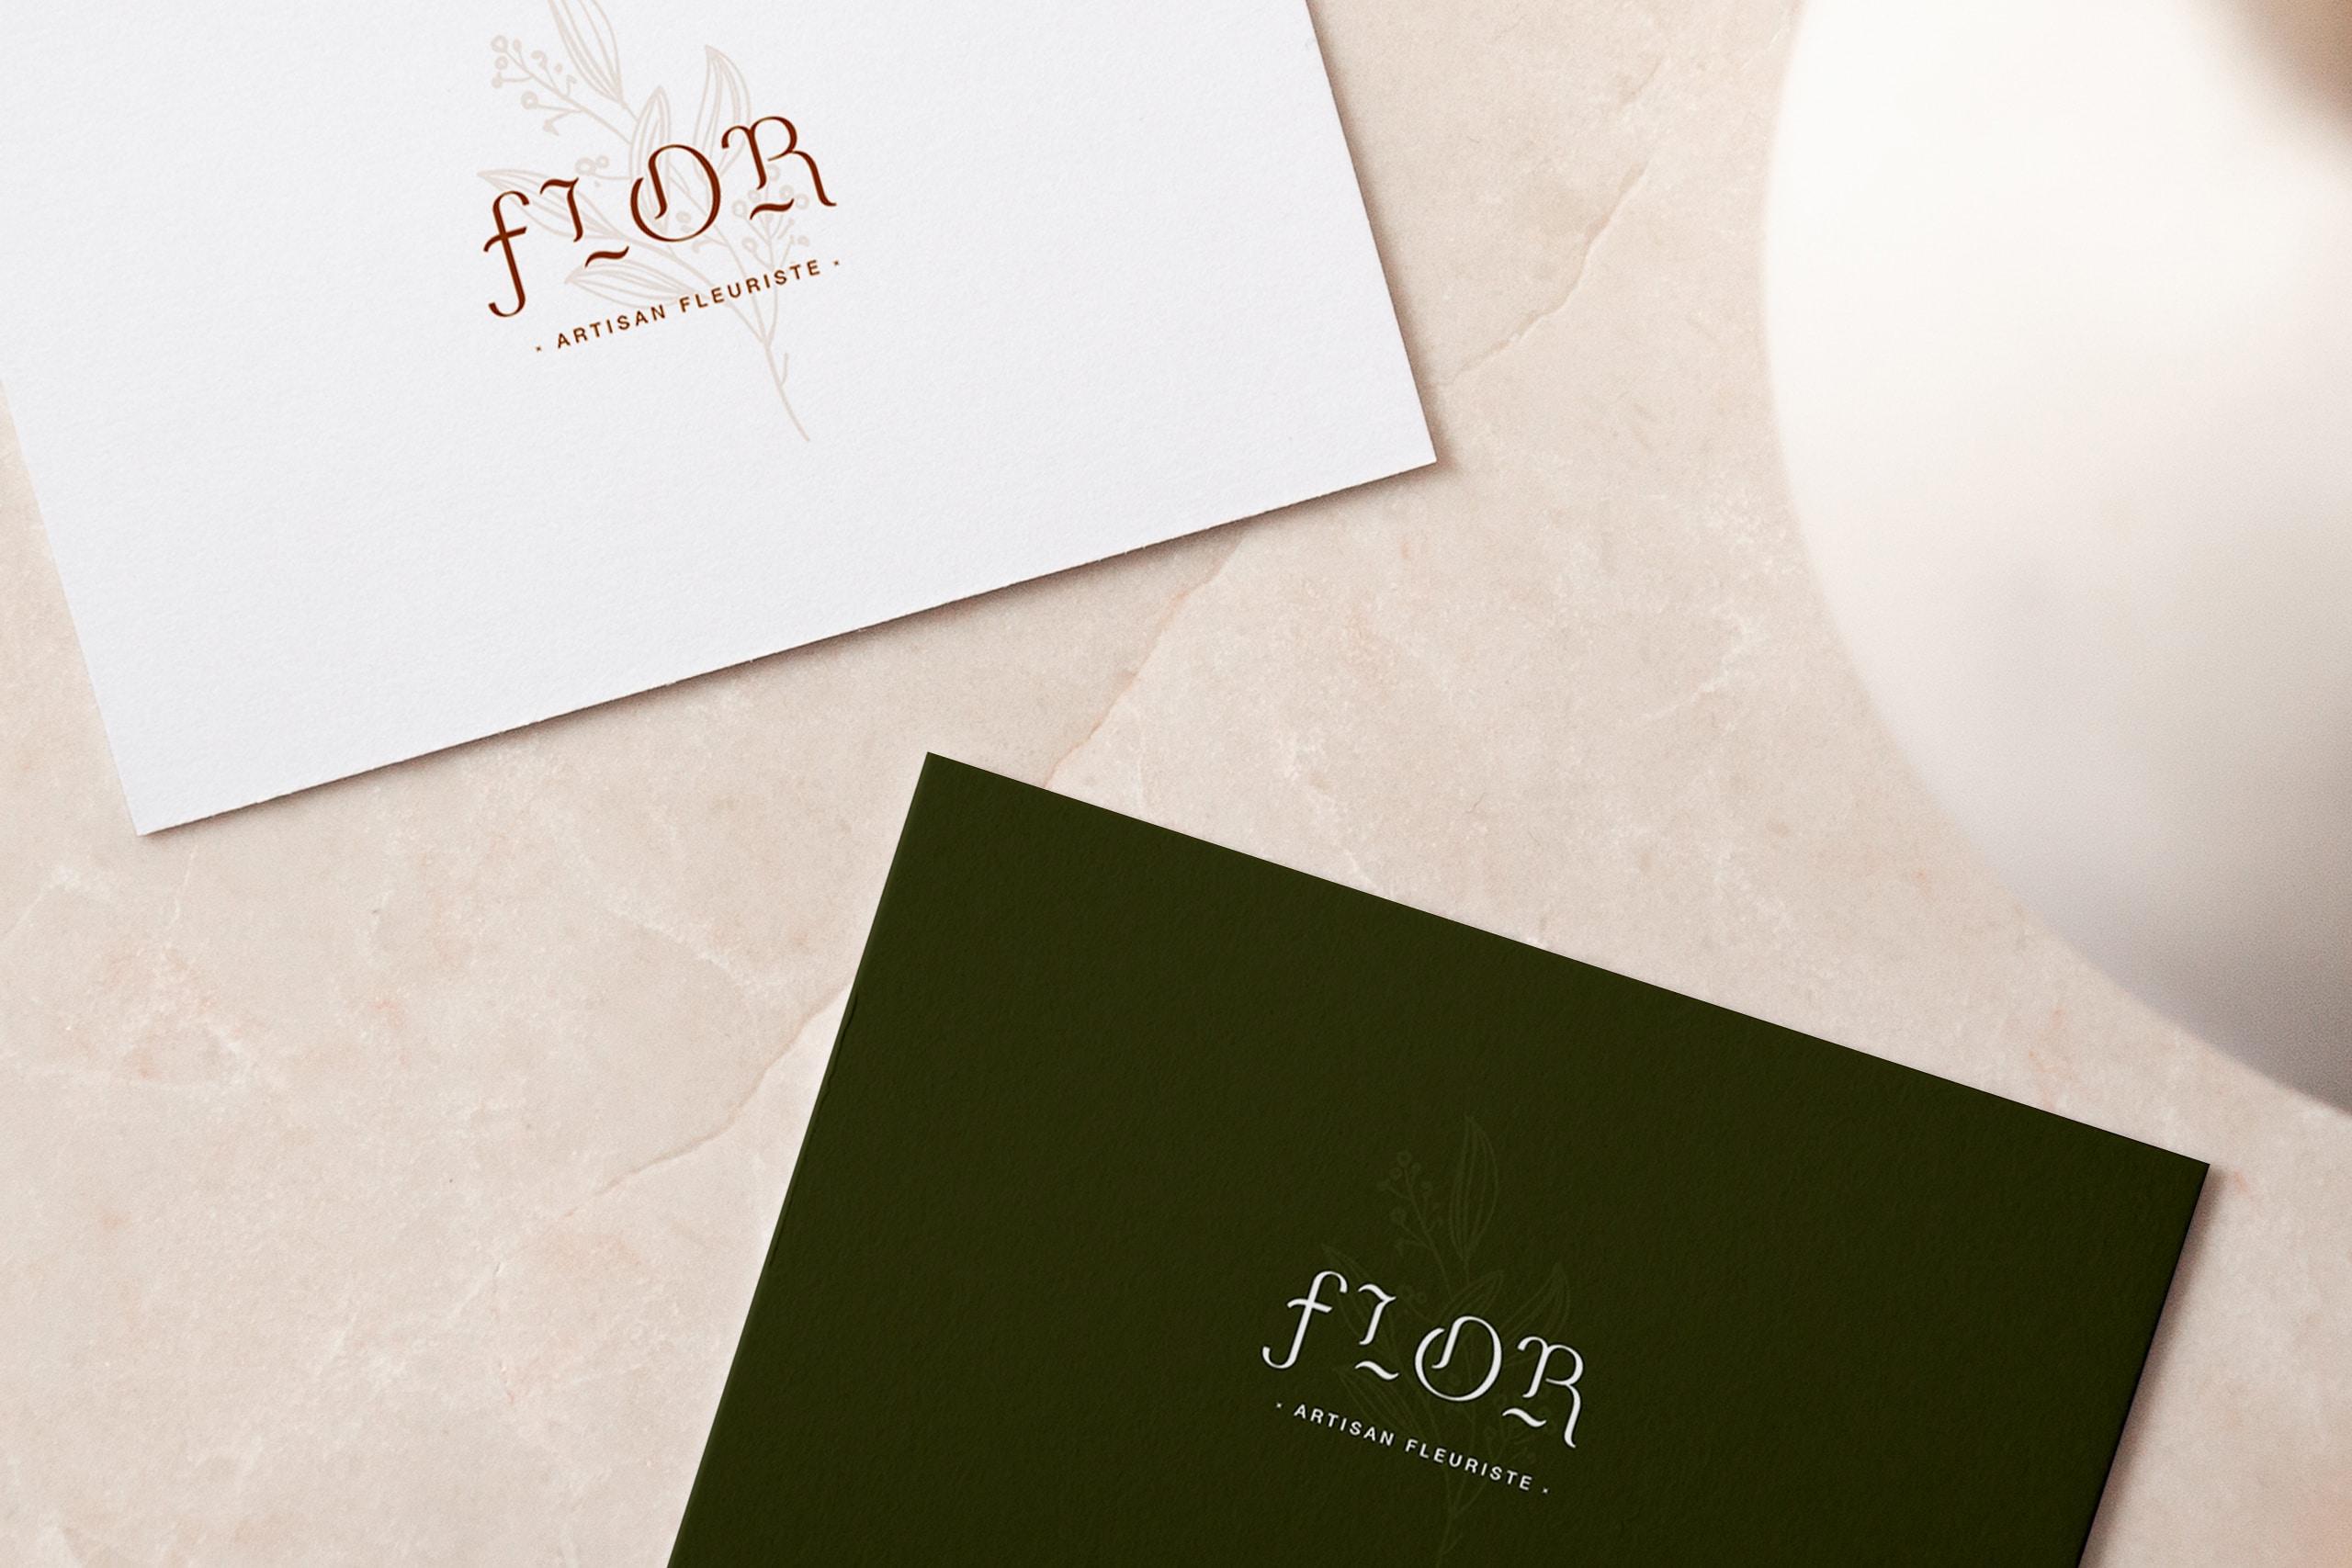 Visuel avec les deux cartes de visite du fleuriste Flor. Une carte est blanche avec le logo en beige et l'autre et verte avec le logo en blanc